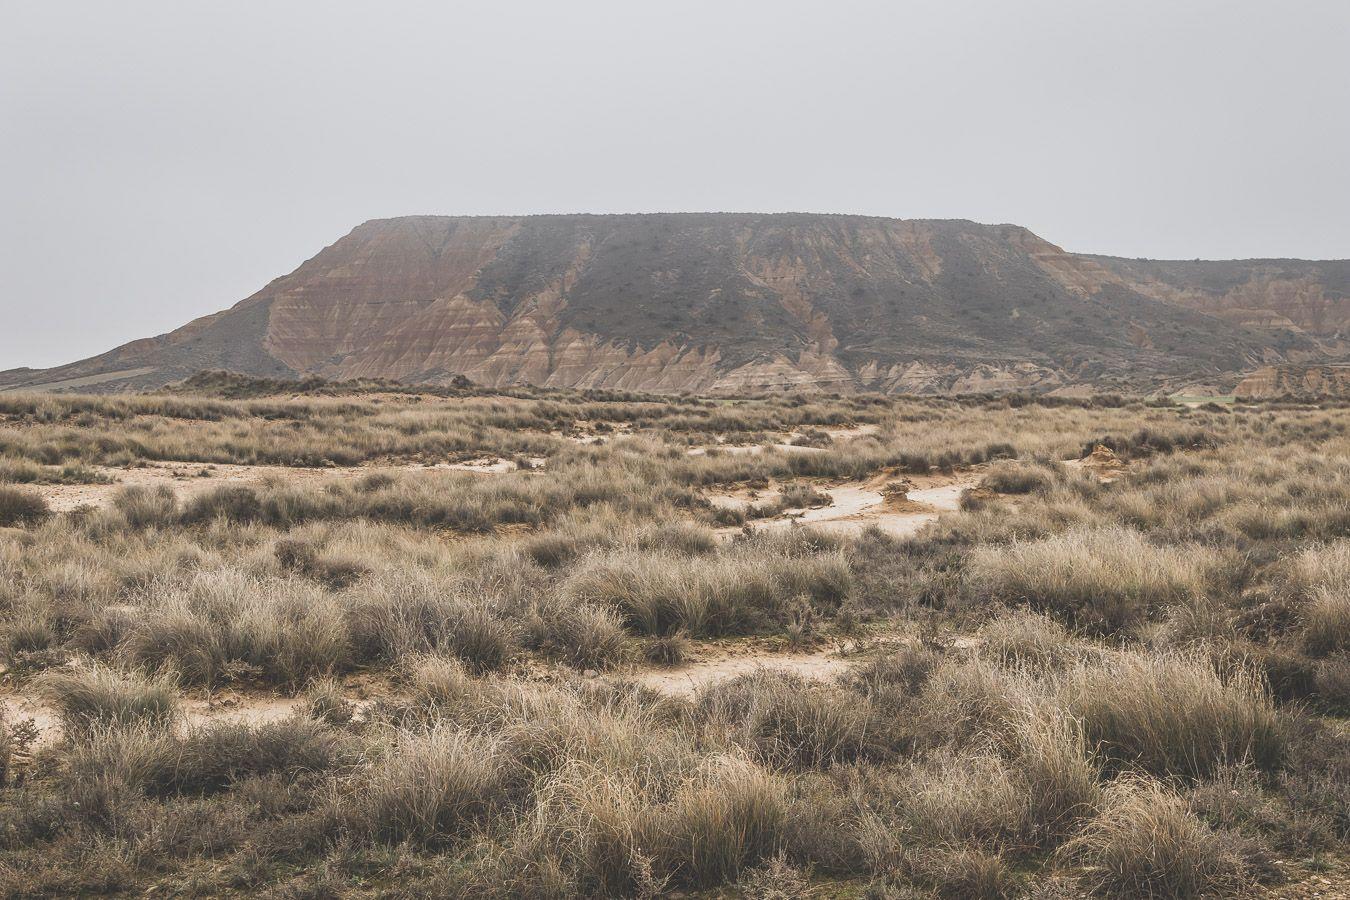 Montagne du désert des Bardenas